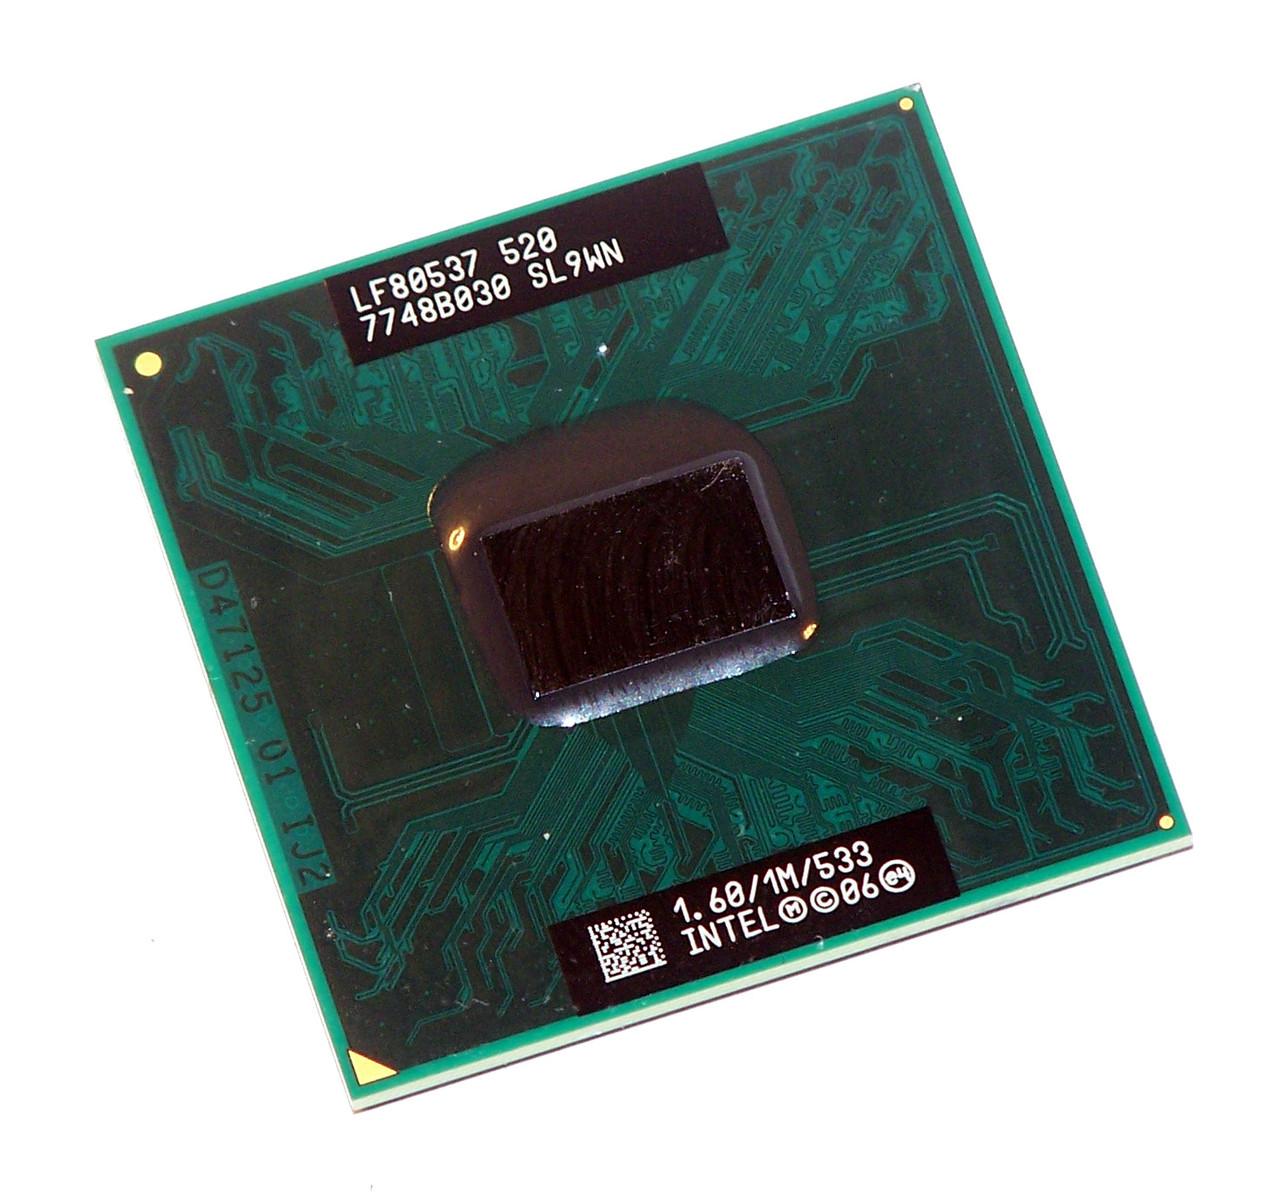 Процессор Intel Celeron M 520 SL9WN 1.6GHz  бу